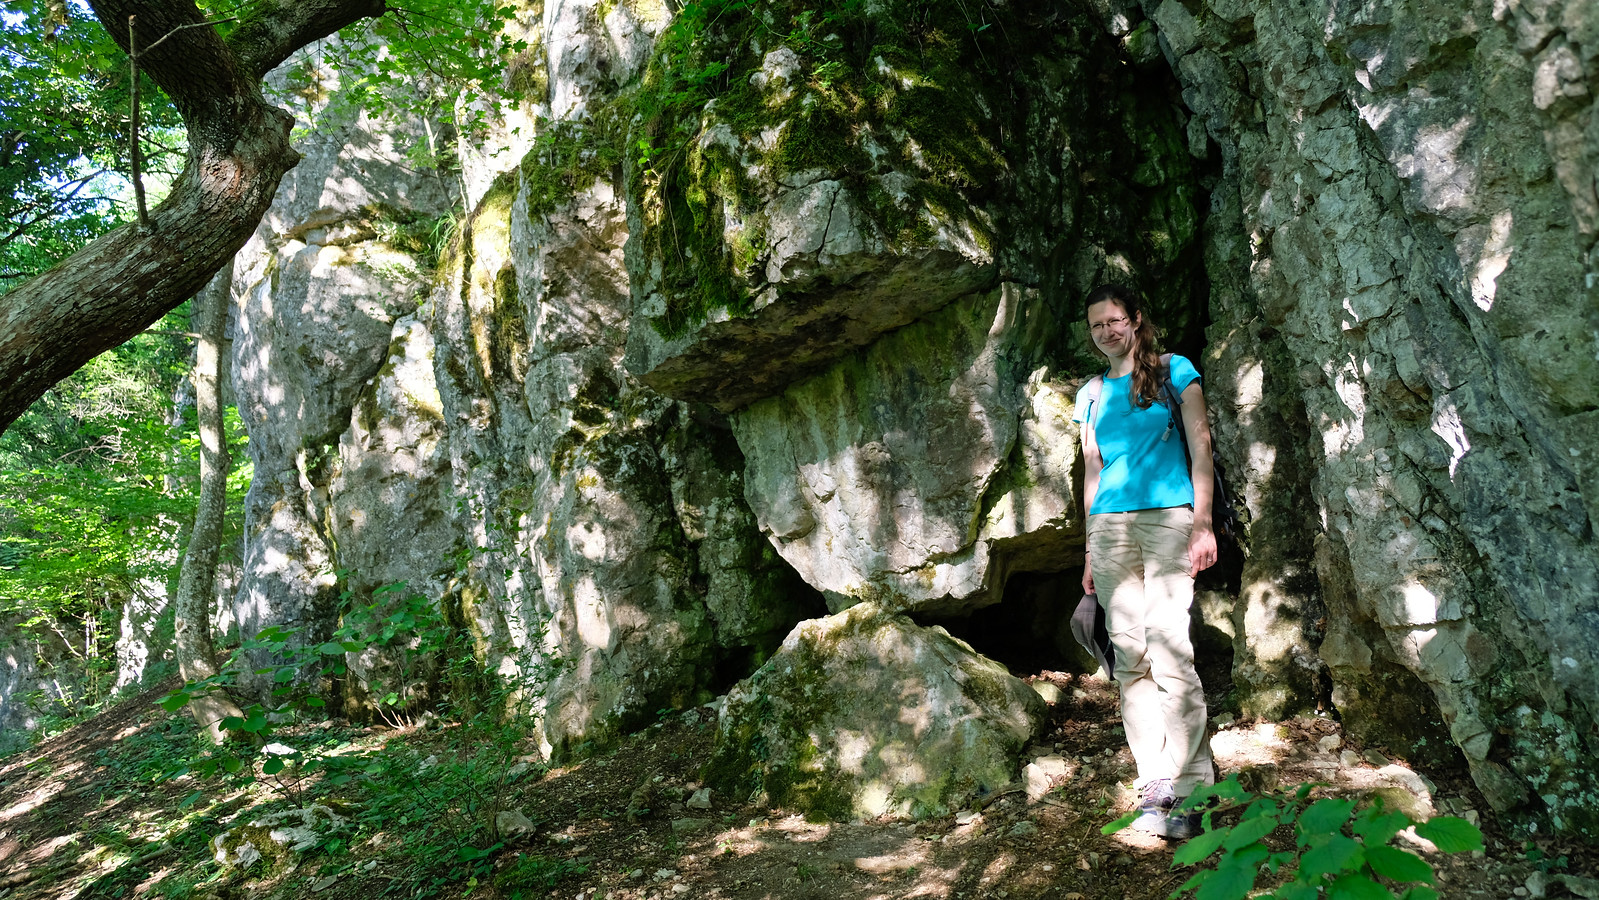 Kű völgy, Balaton Uplands National Park, Hungary